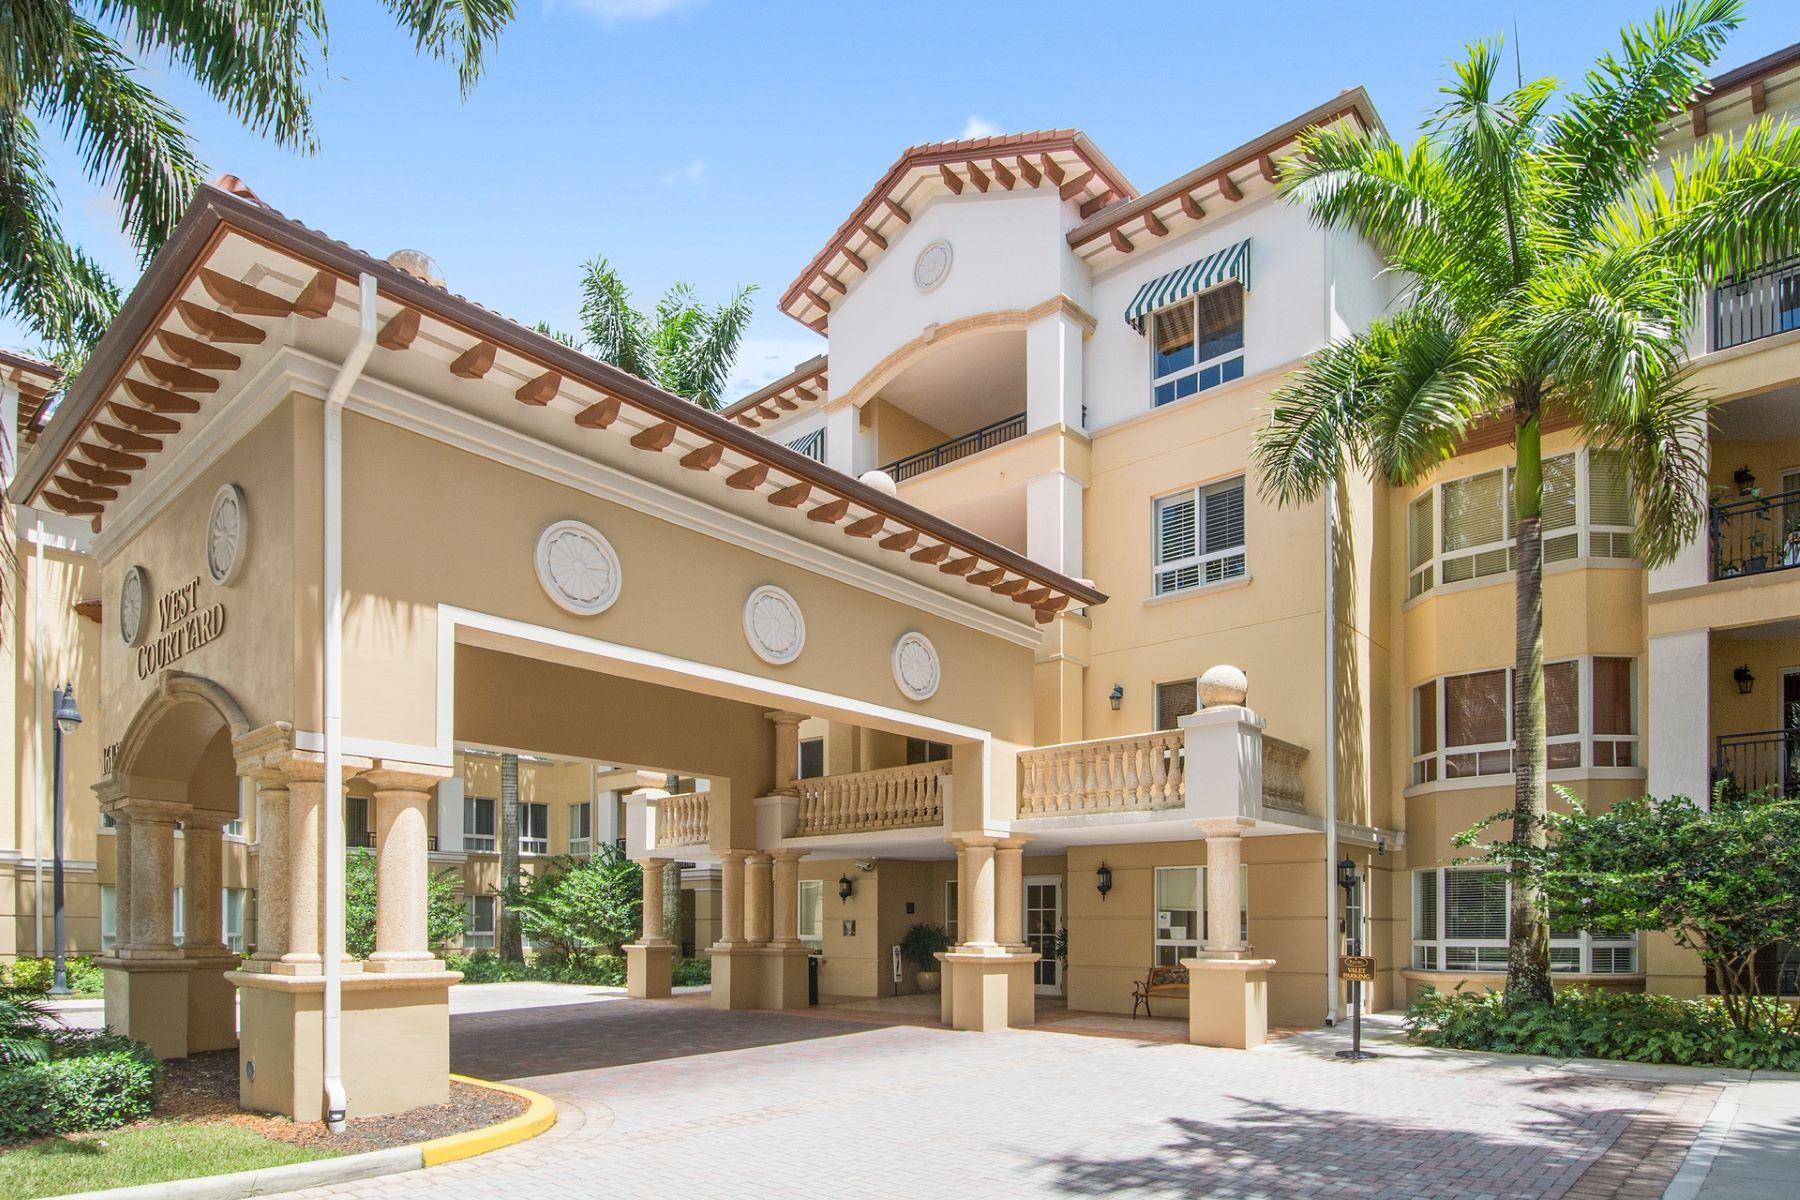 Appartement en copropriété pour l Vente à 16101 Emerald Estates Dr. # 445 16101 Emerald Estates Dr # 445 Weston, Florida, 33331 États-Unis